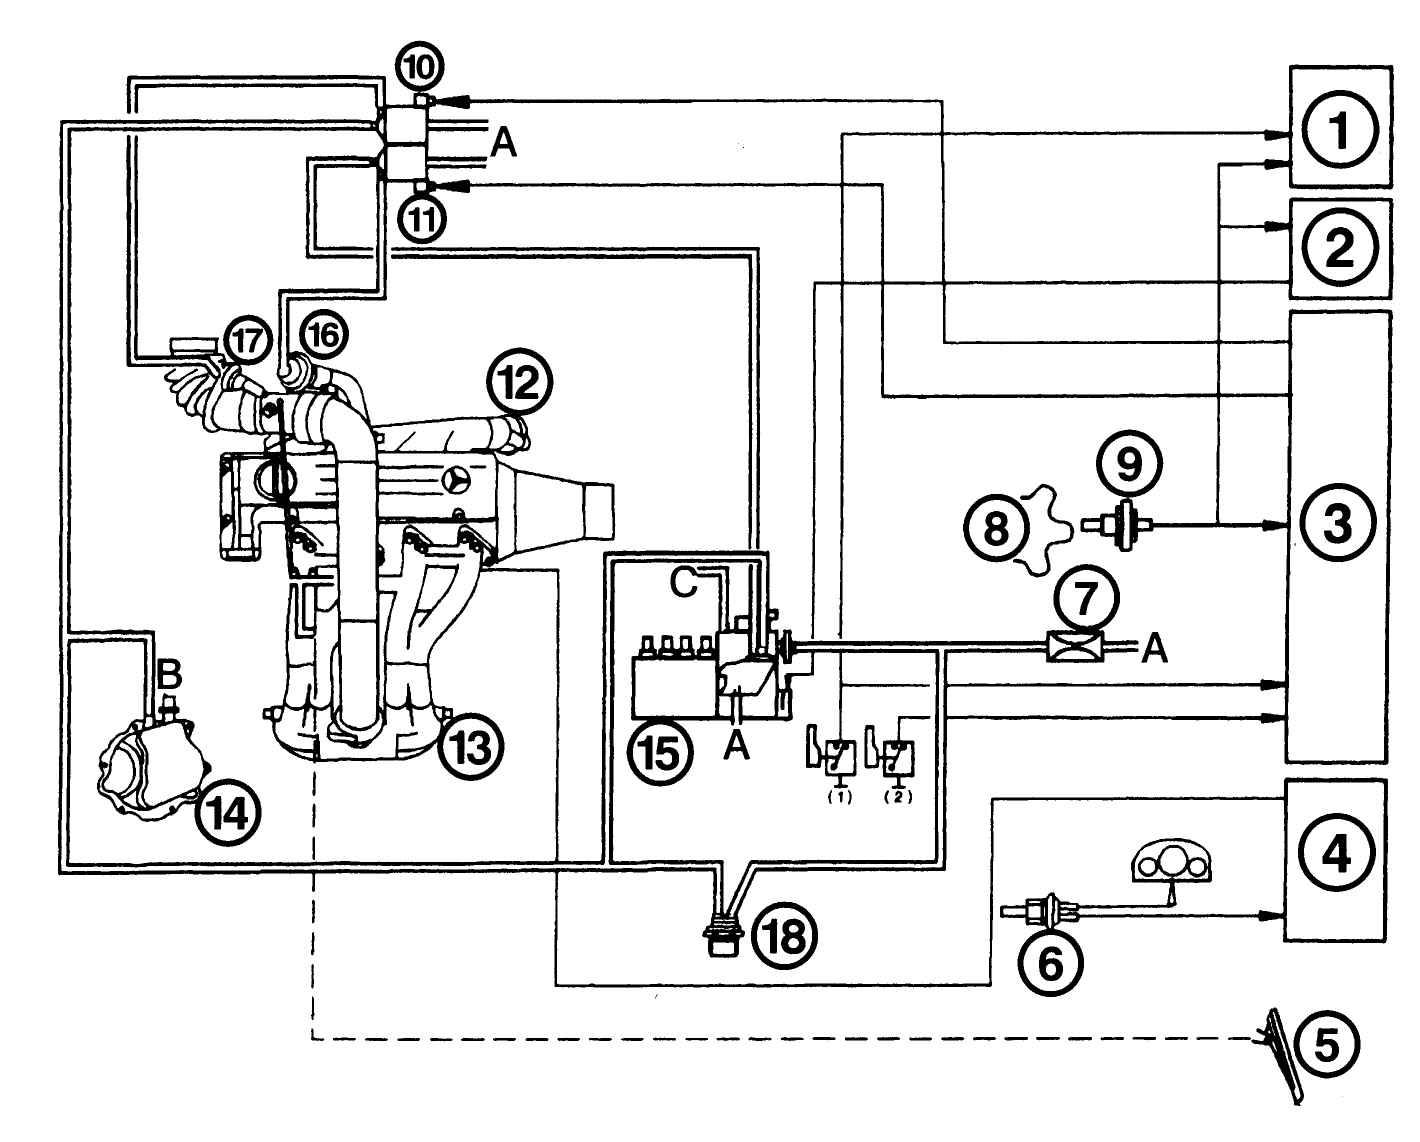 ...вращения на холостом ходу Система действует через вакуумную камеру на регулятор холостого хода в ТНВД.